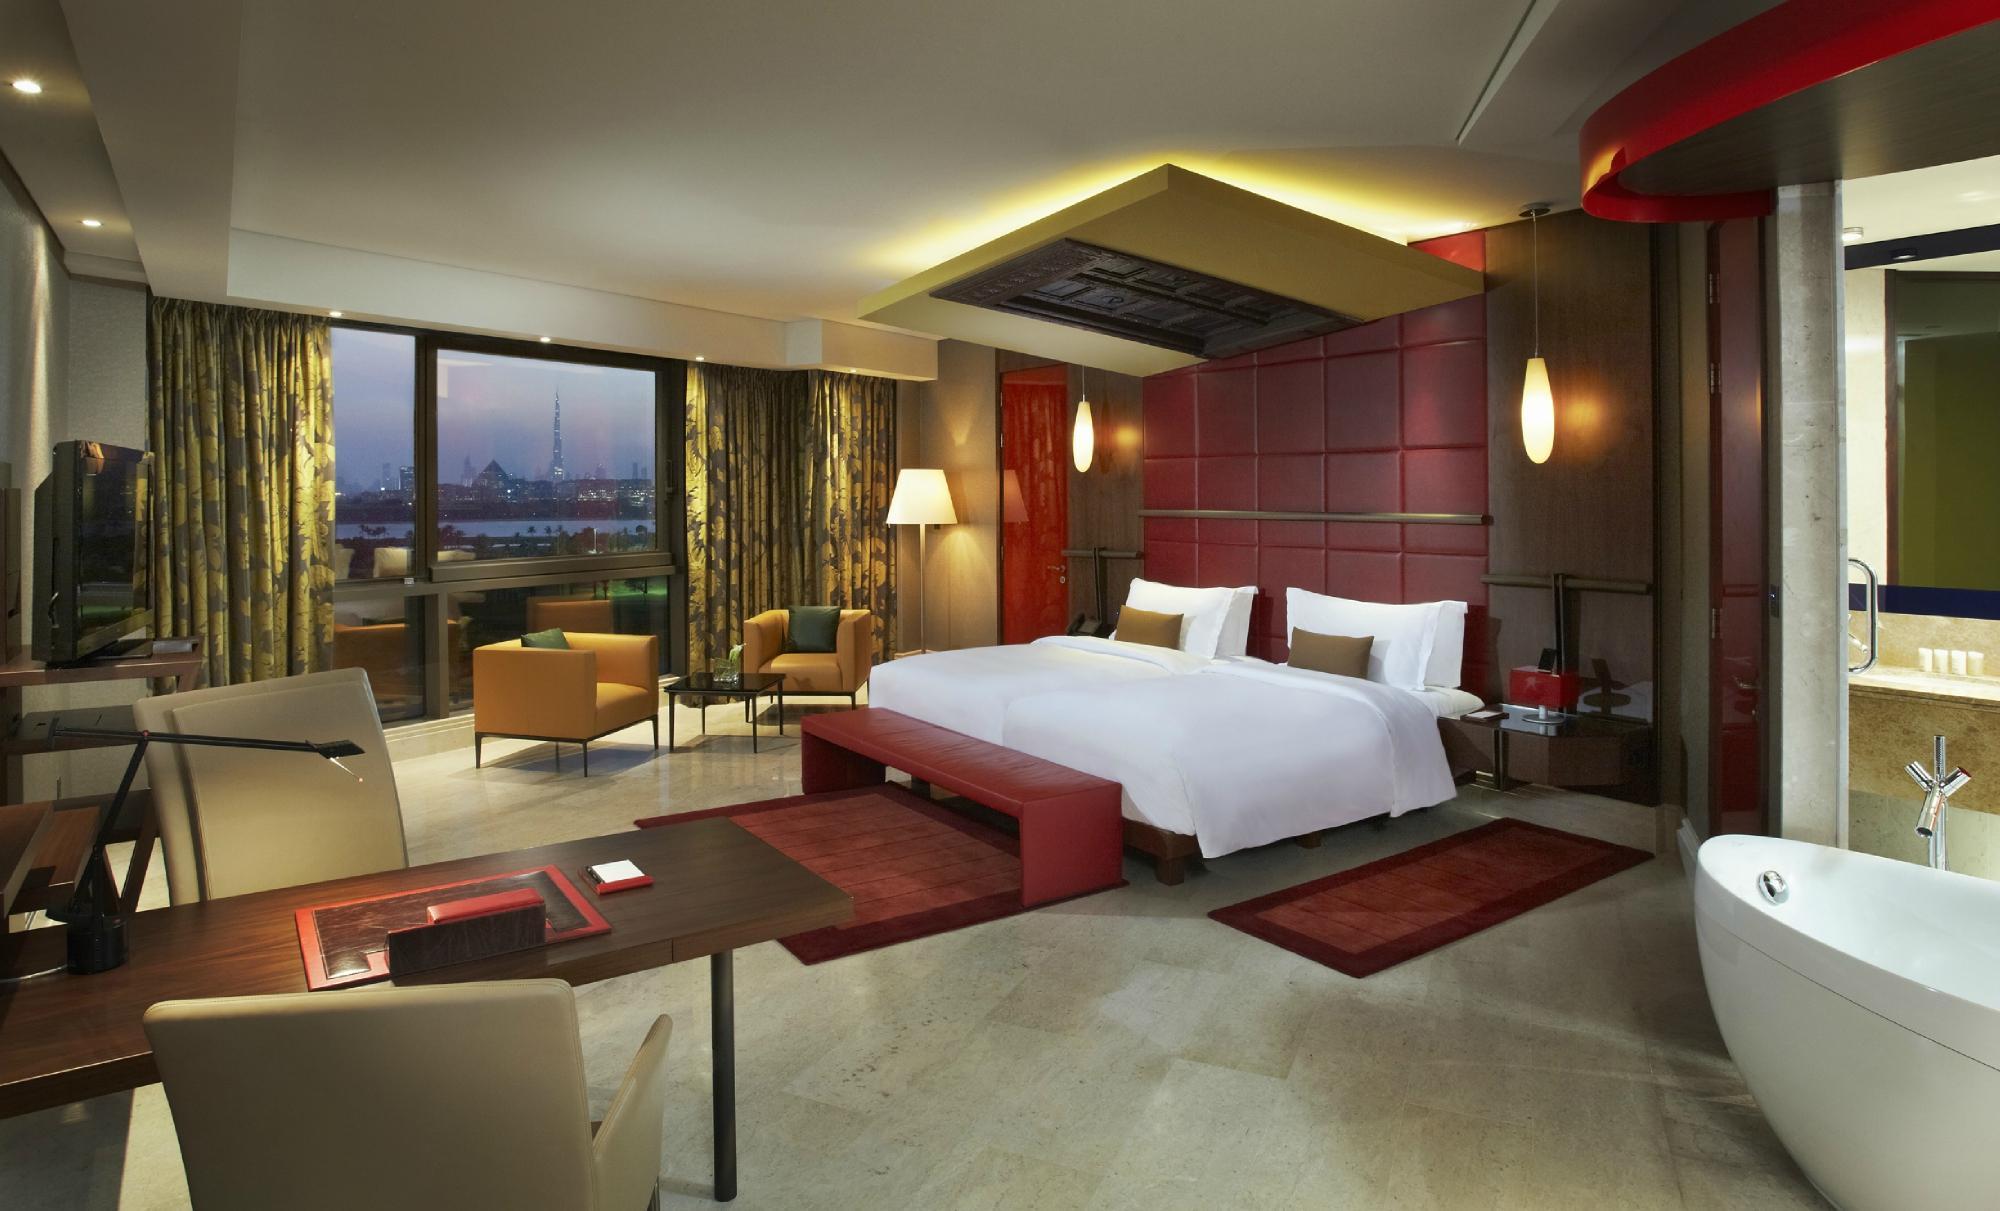 โรงแรมจูไมราครีคไซด์